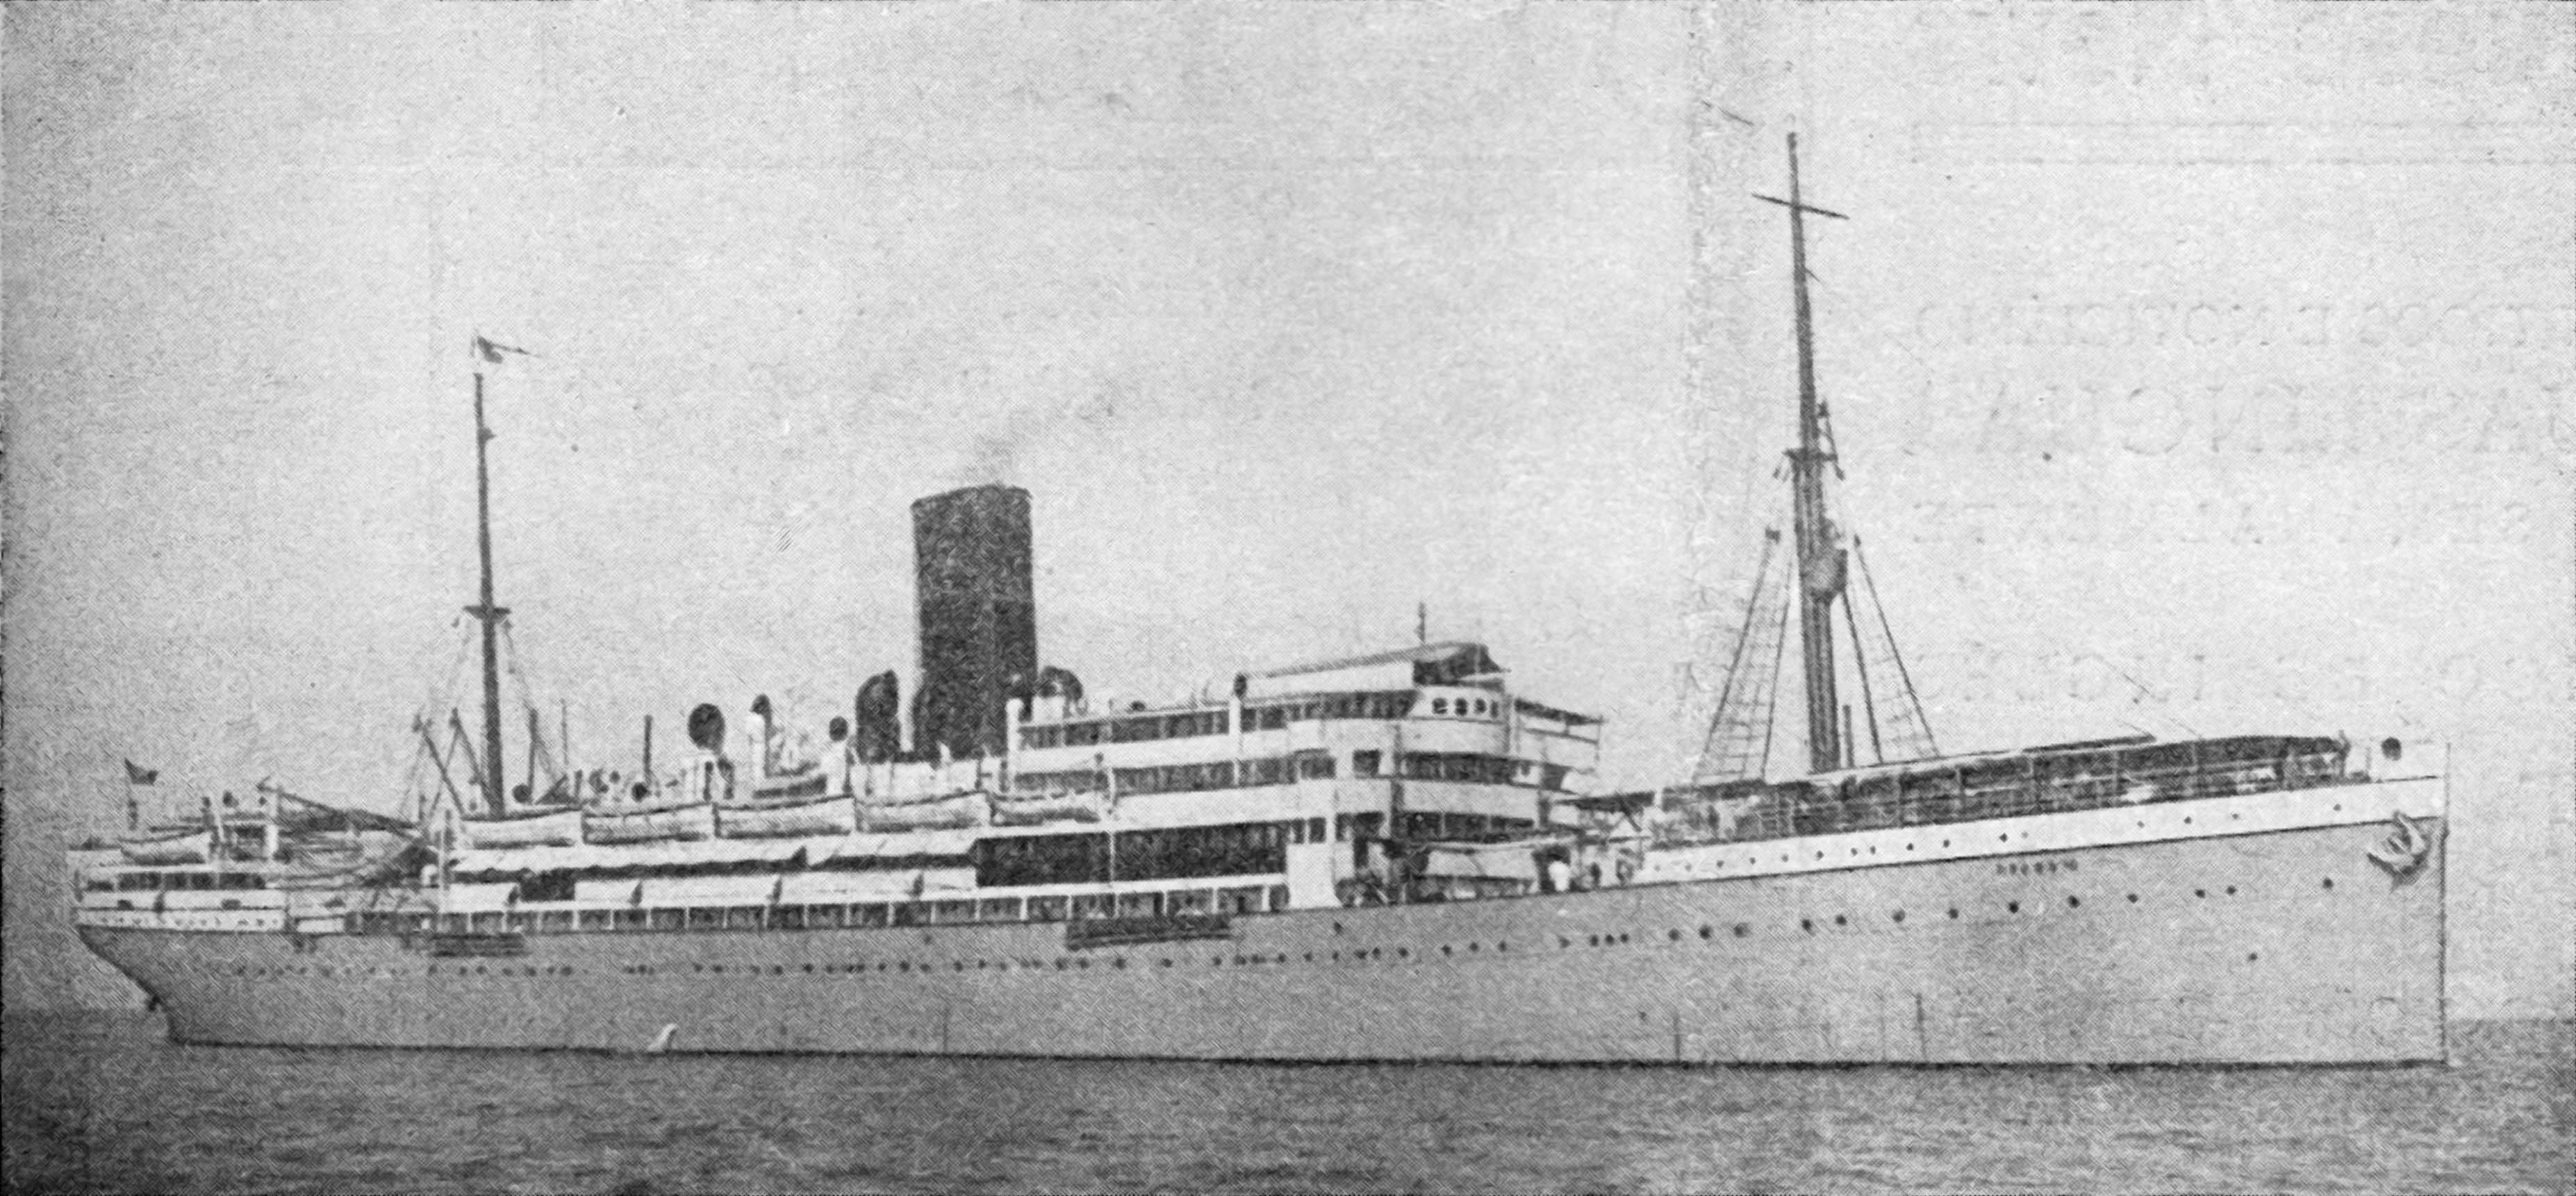 fotografia do navio Nyassa